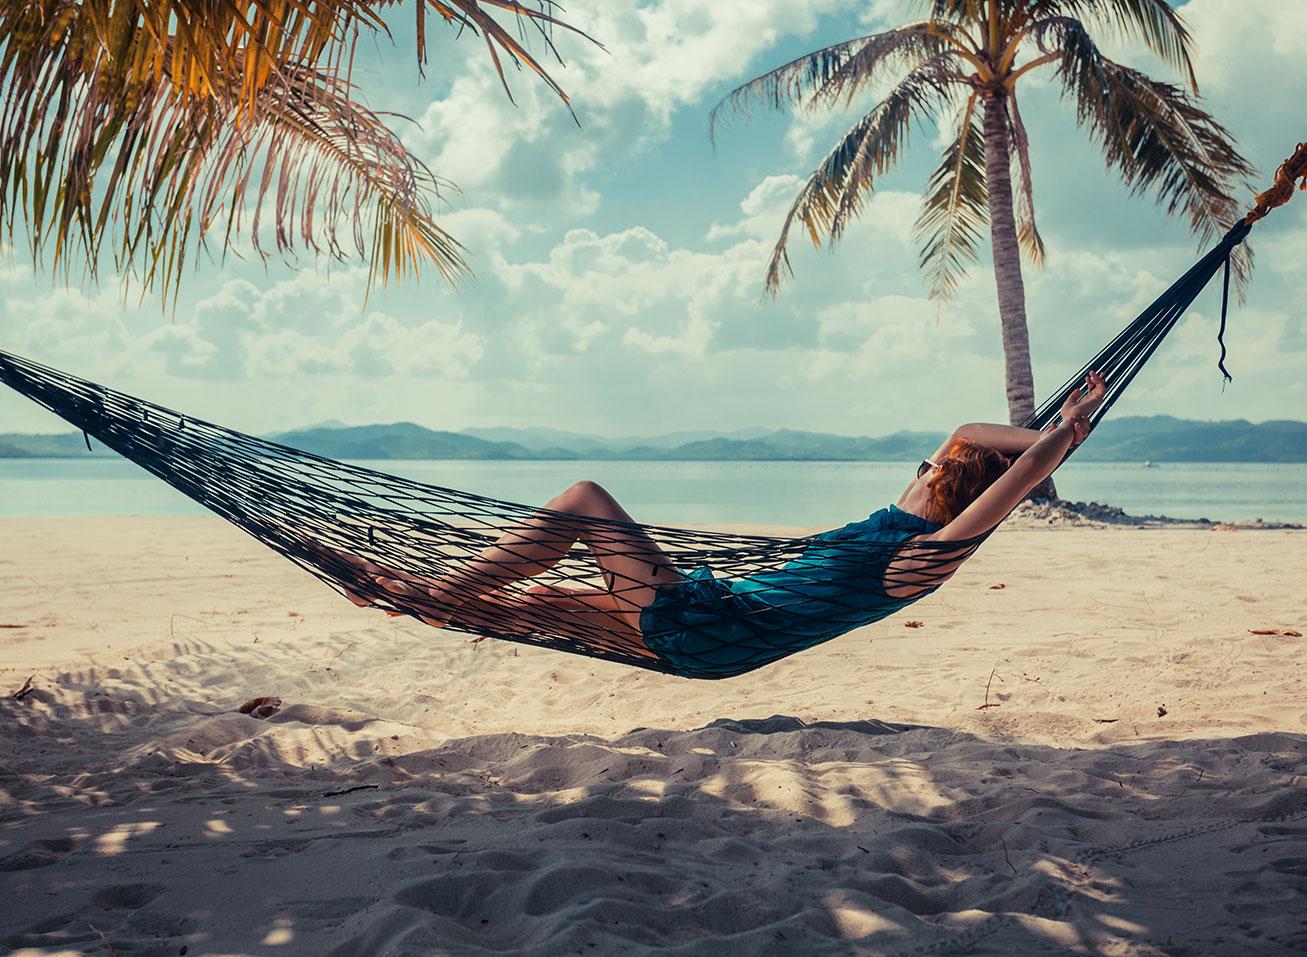 Relaxation & luxury lifestyle in Phuket Thailand